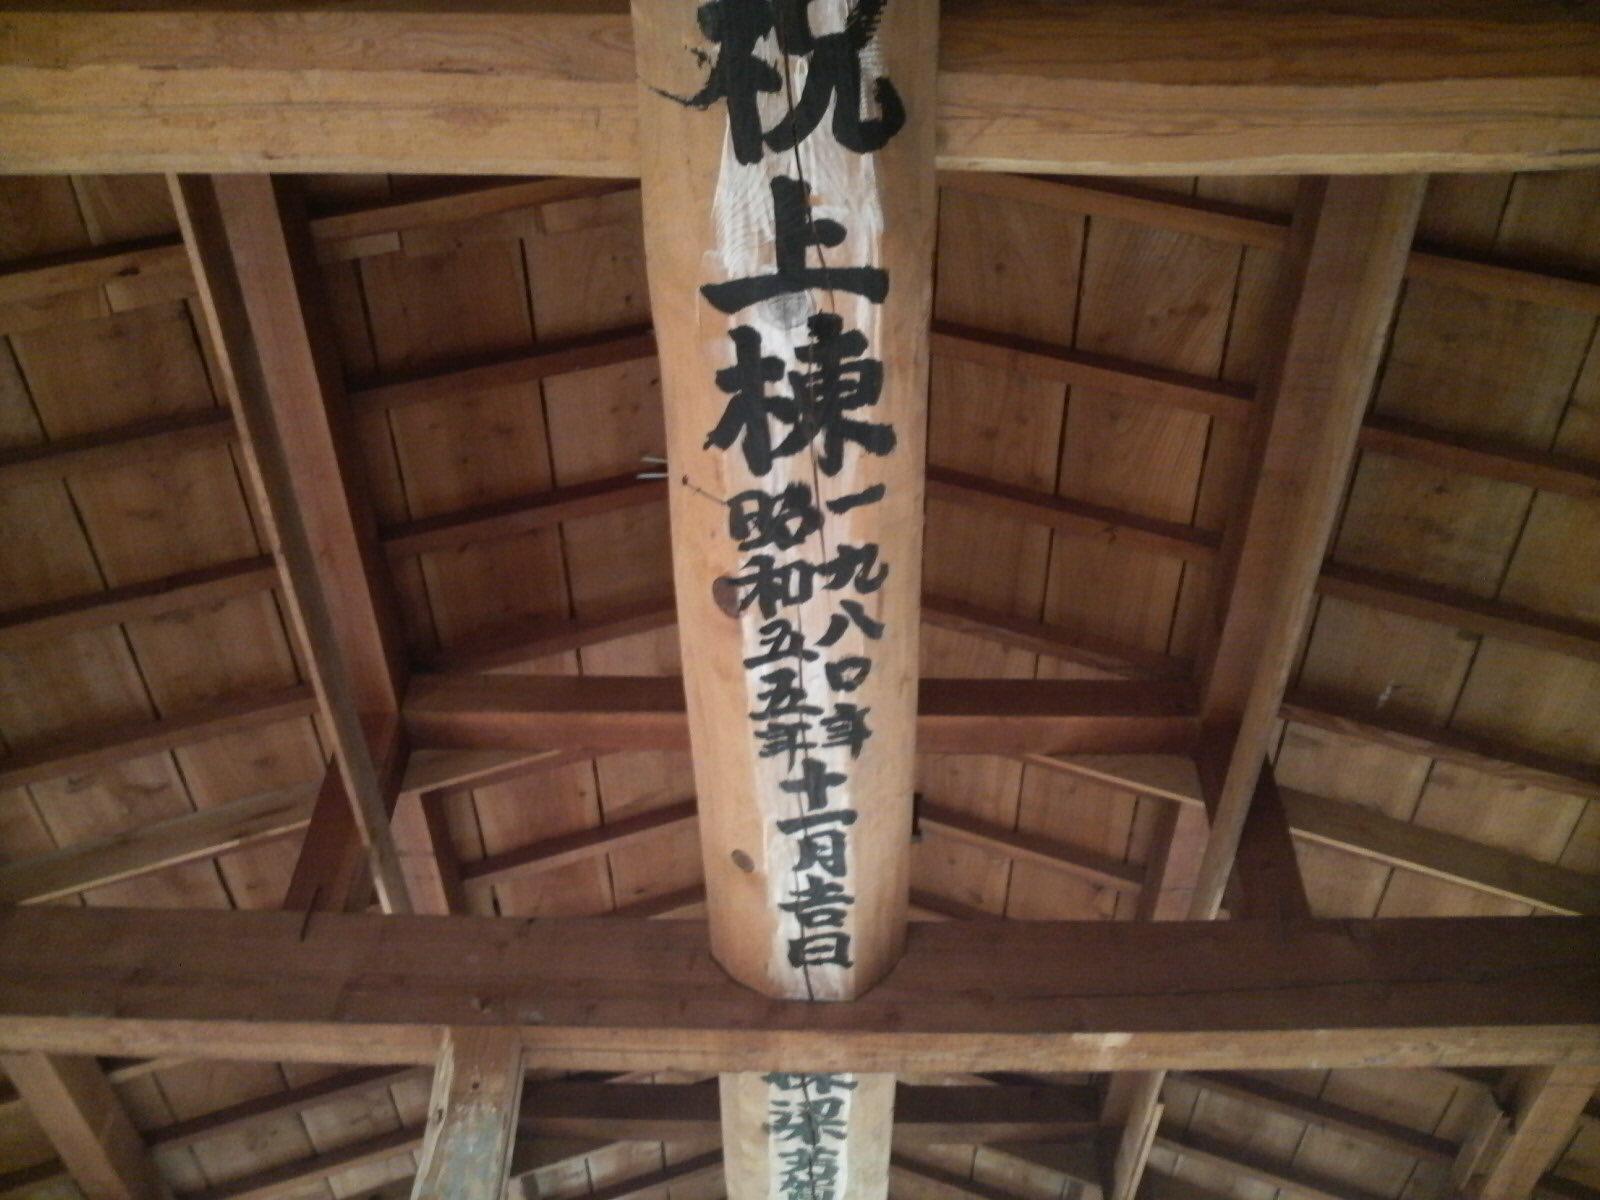 工事中、天井を取ったら立派な木を使われたお家でした。